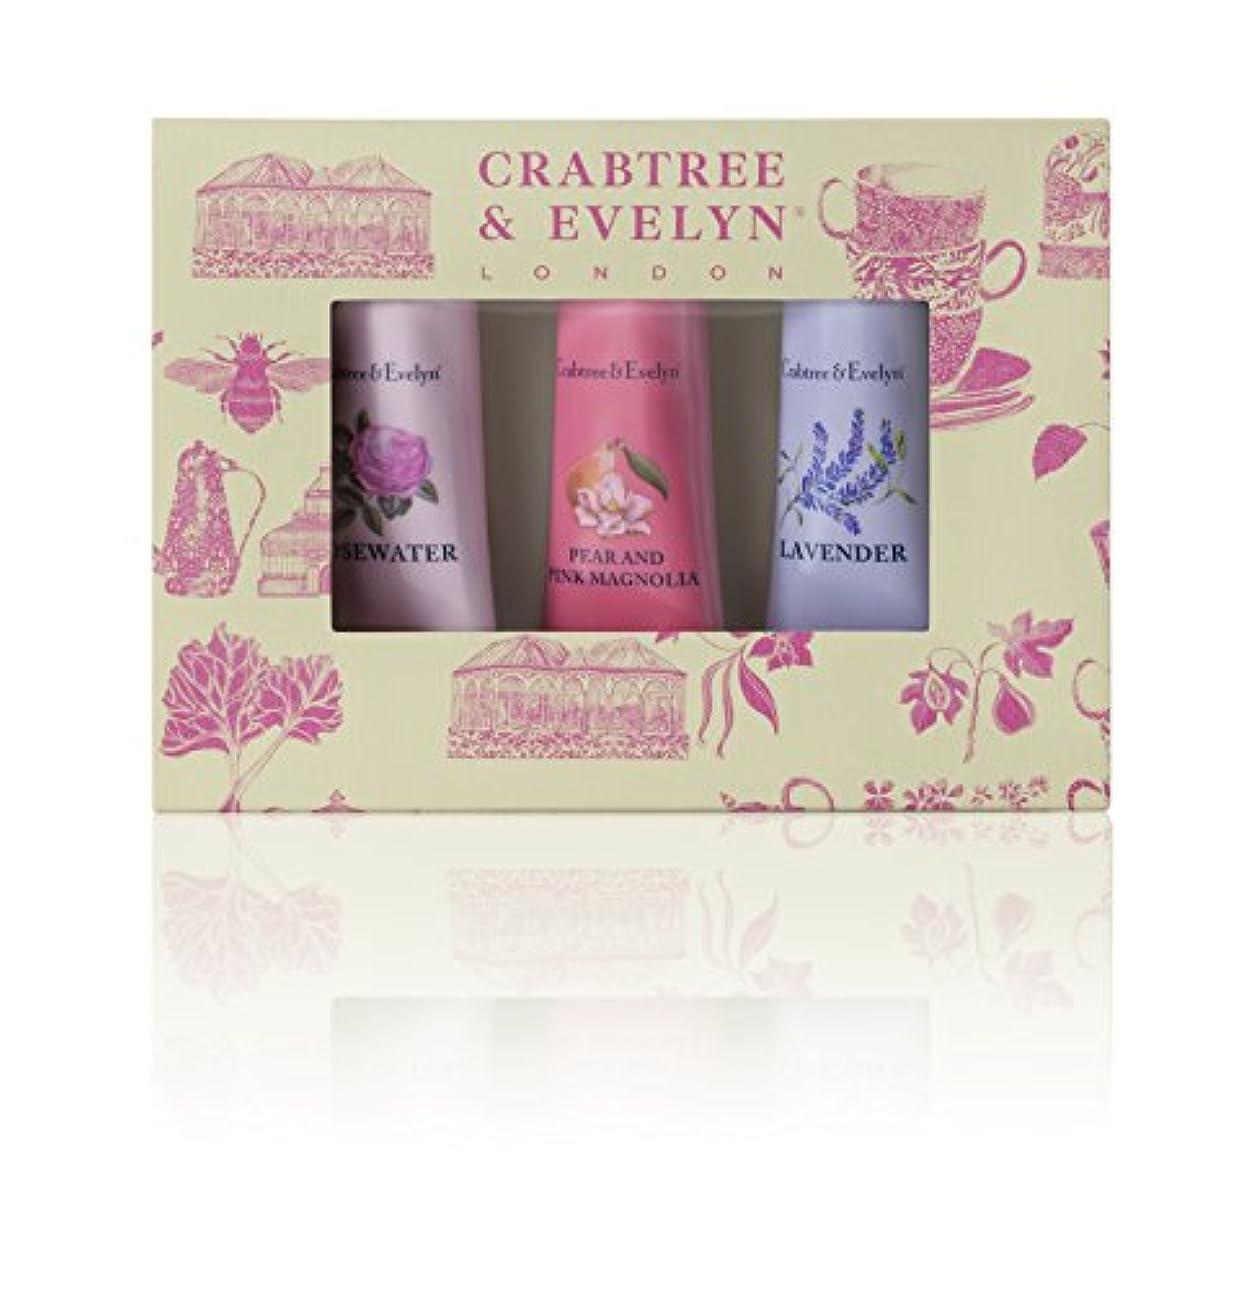 言語インスタントここにクラブツリー&イヴリン Florals Hand Therapy Set (1x Pear & Pink Magnolia, 1x Rosewater, 1x Lavender) 3x25g/0.9oz並行輸入品